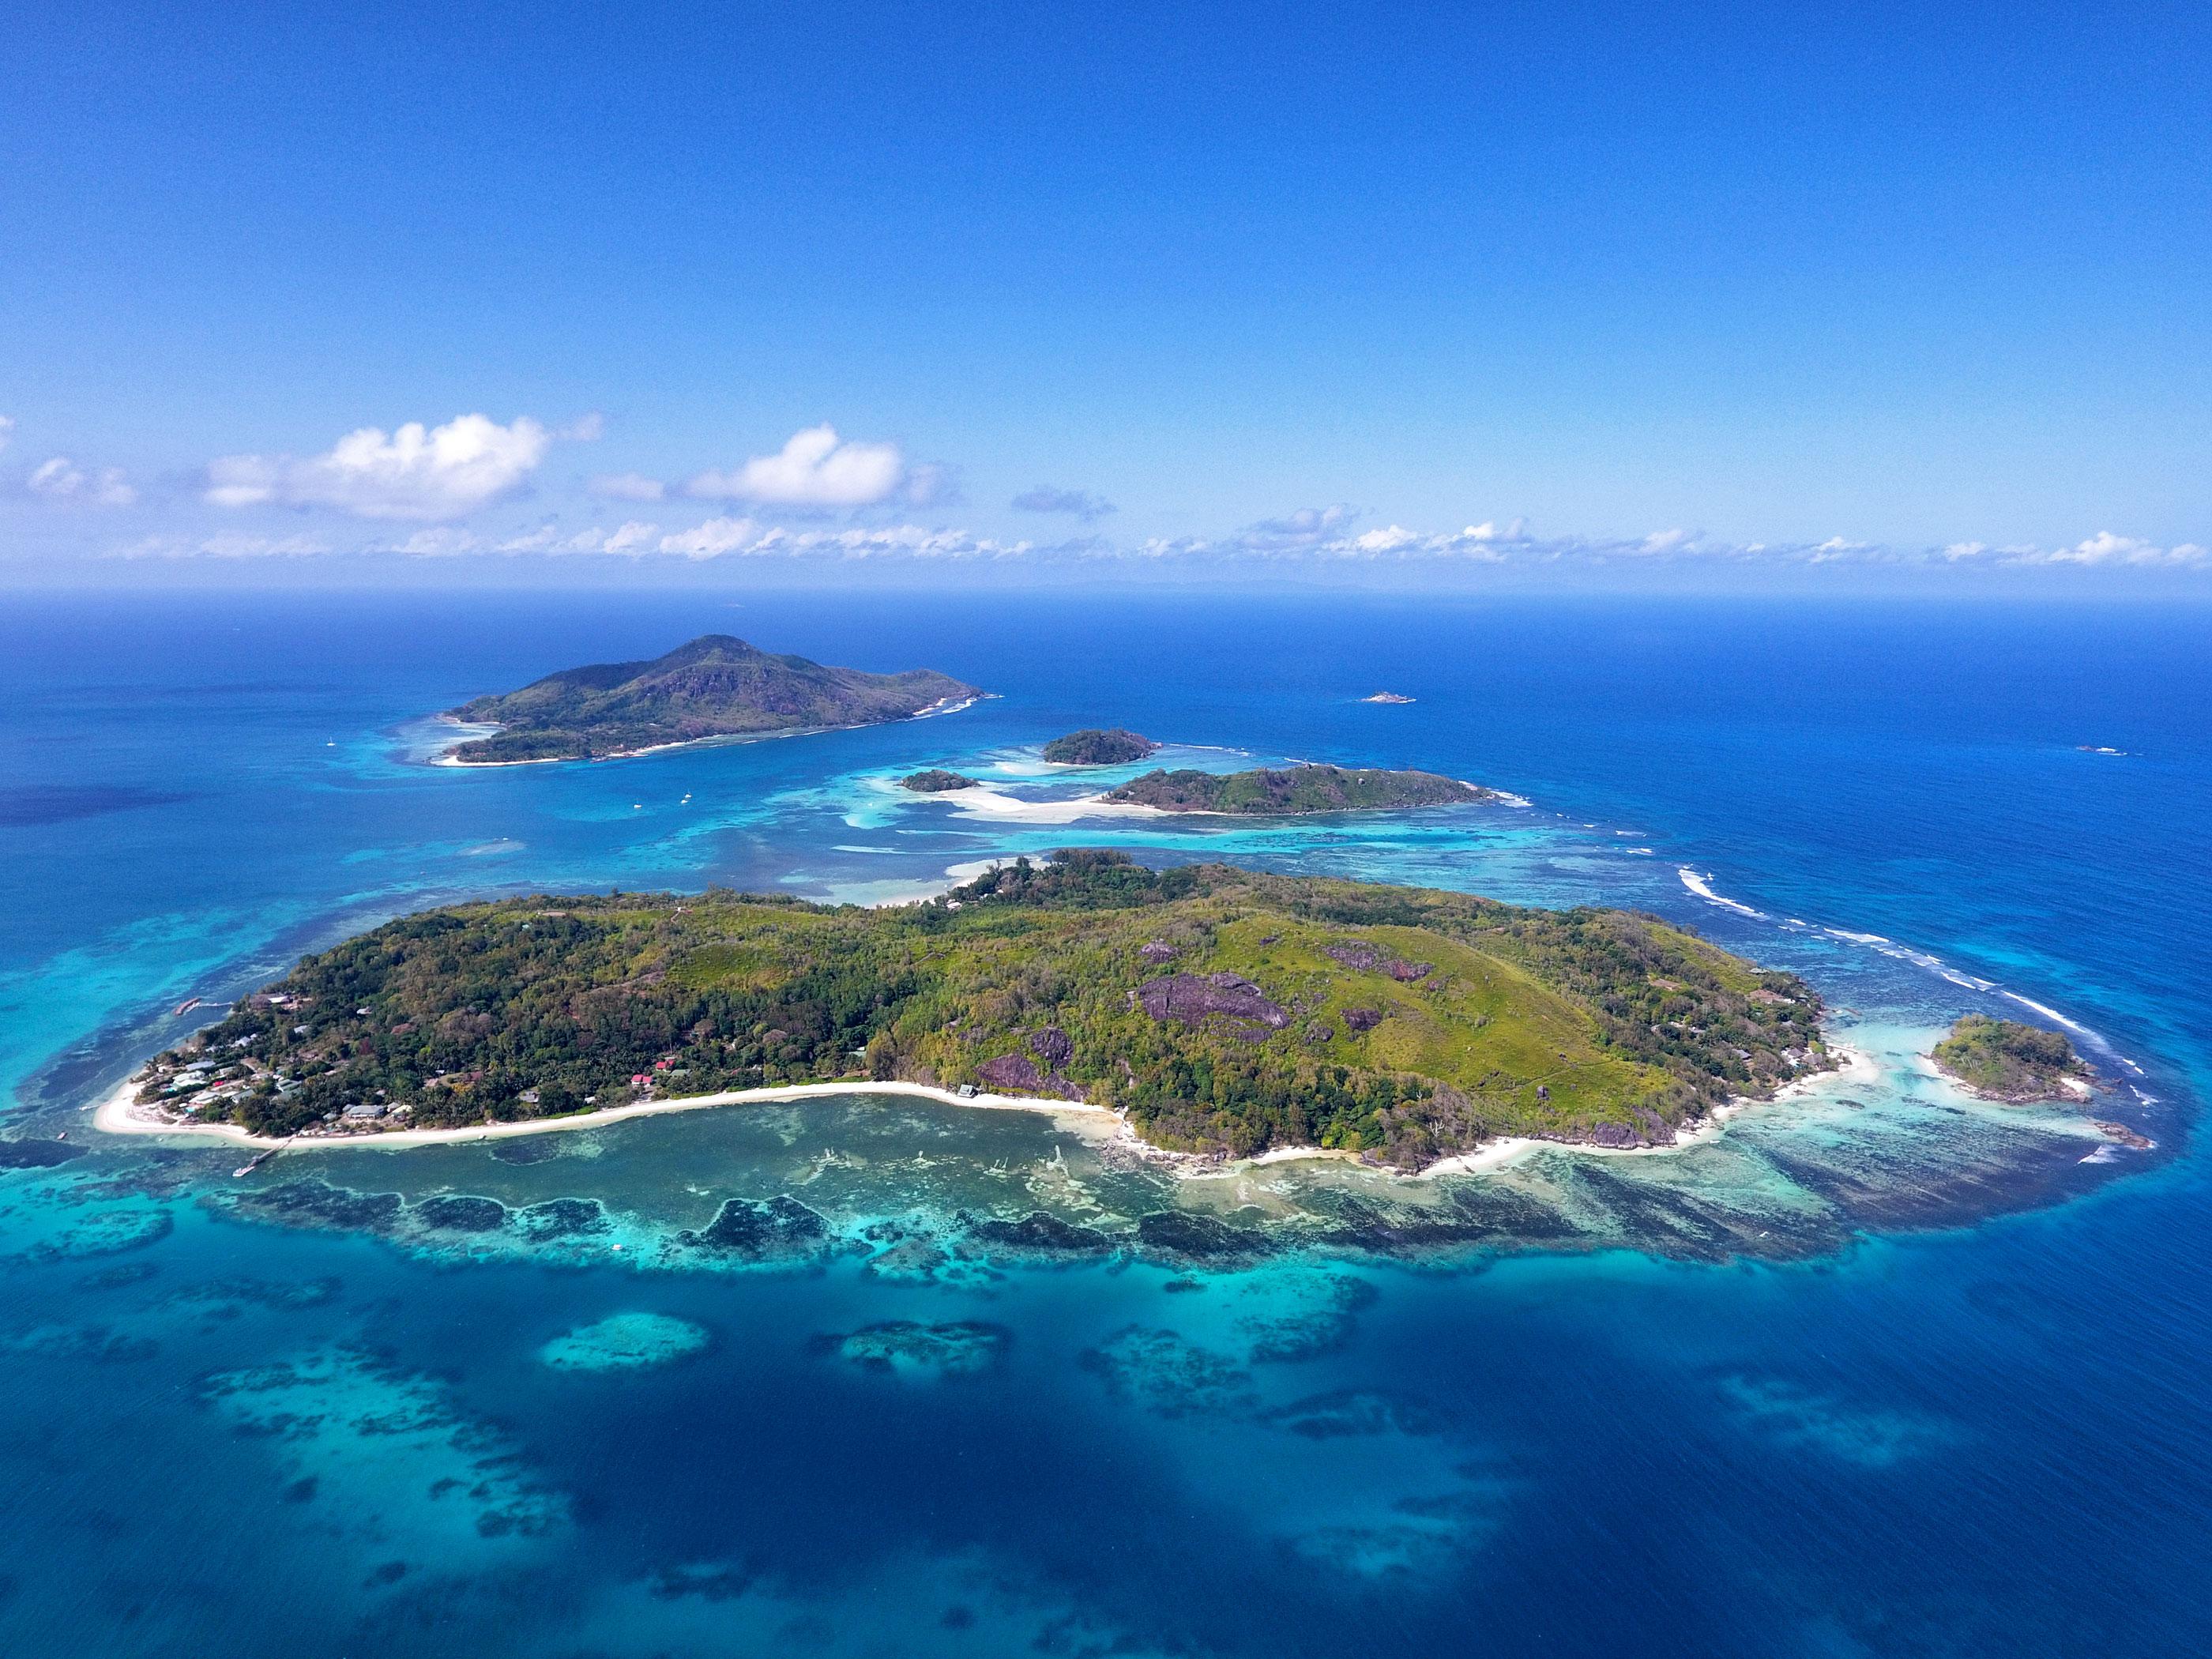 LT&C-Study Tour to Seychelles @ Study Tour Seychelles | 0